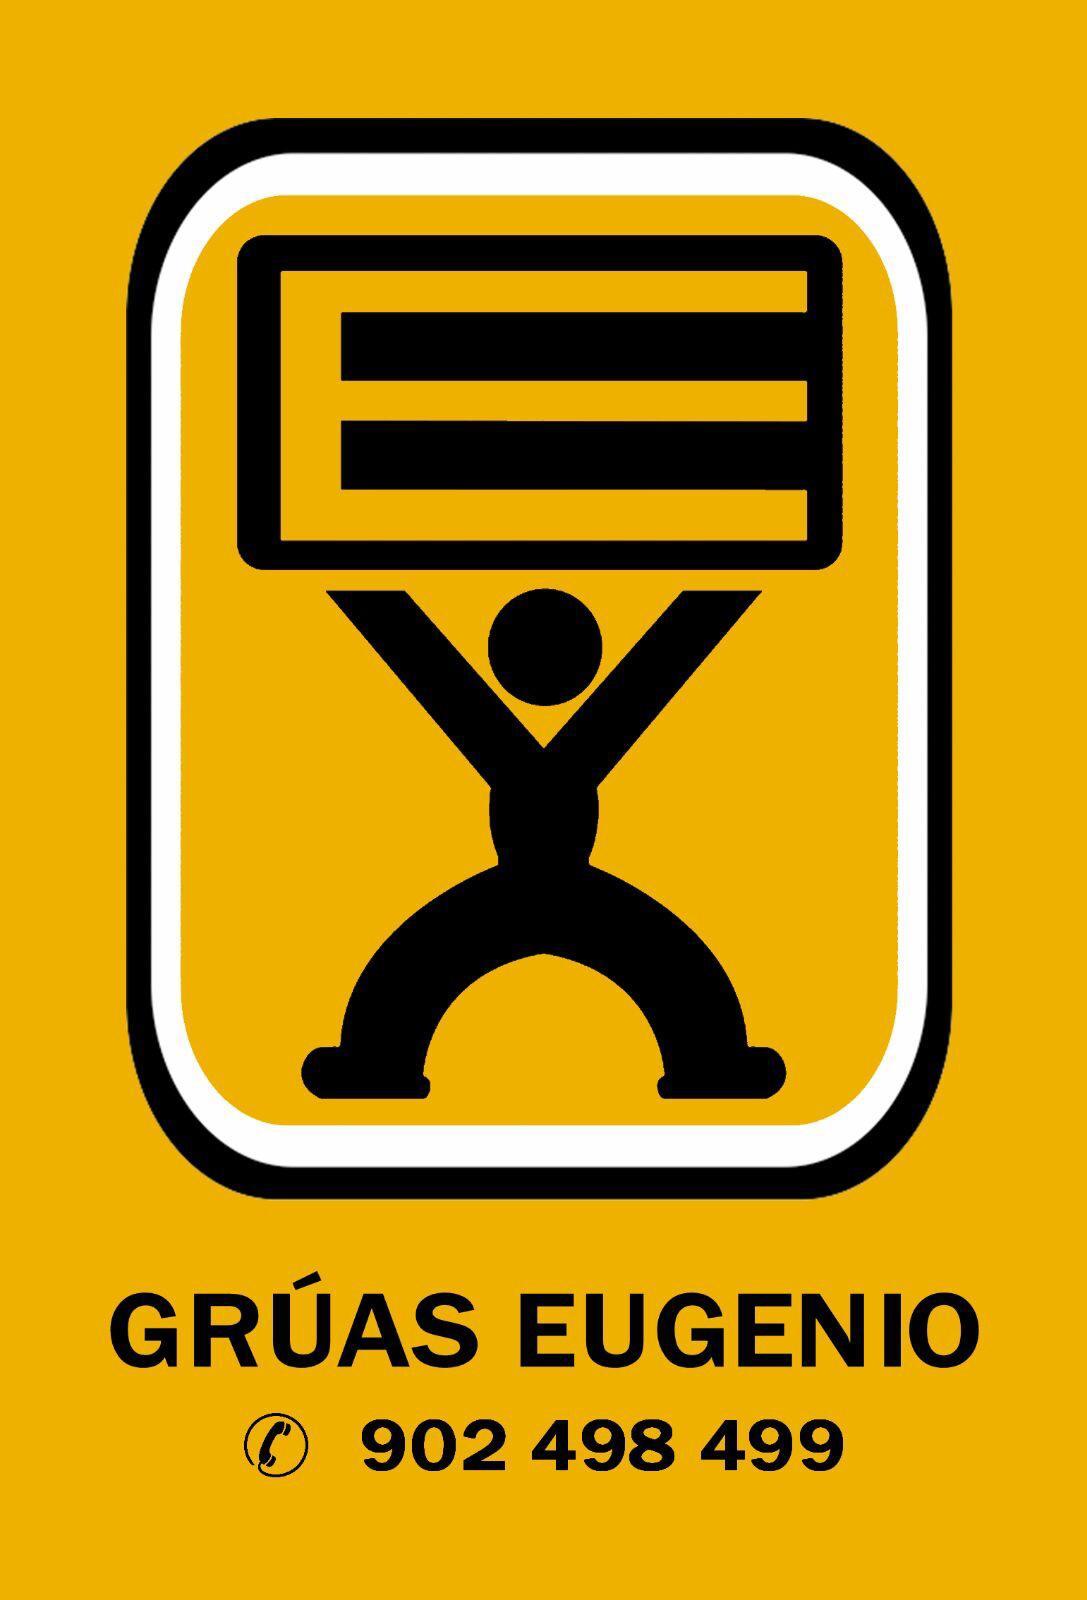 GRÚAS EUGENIO